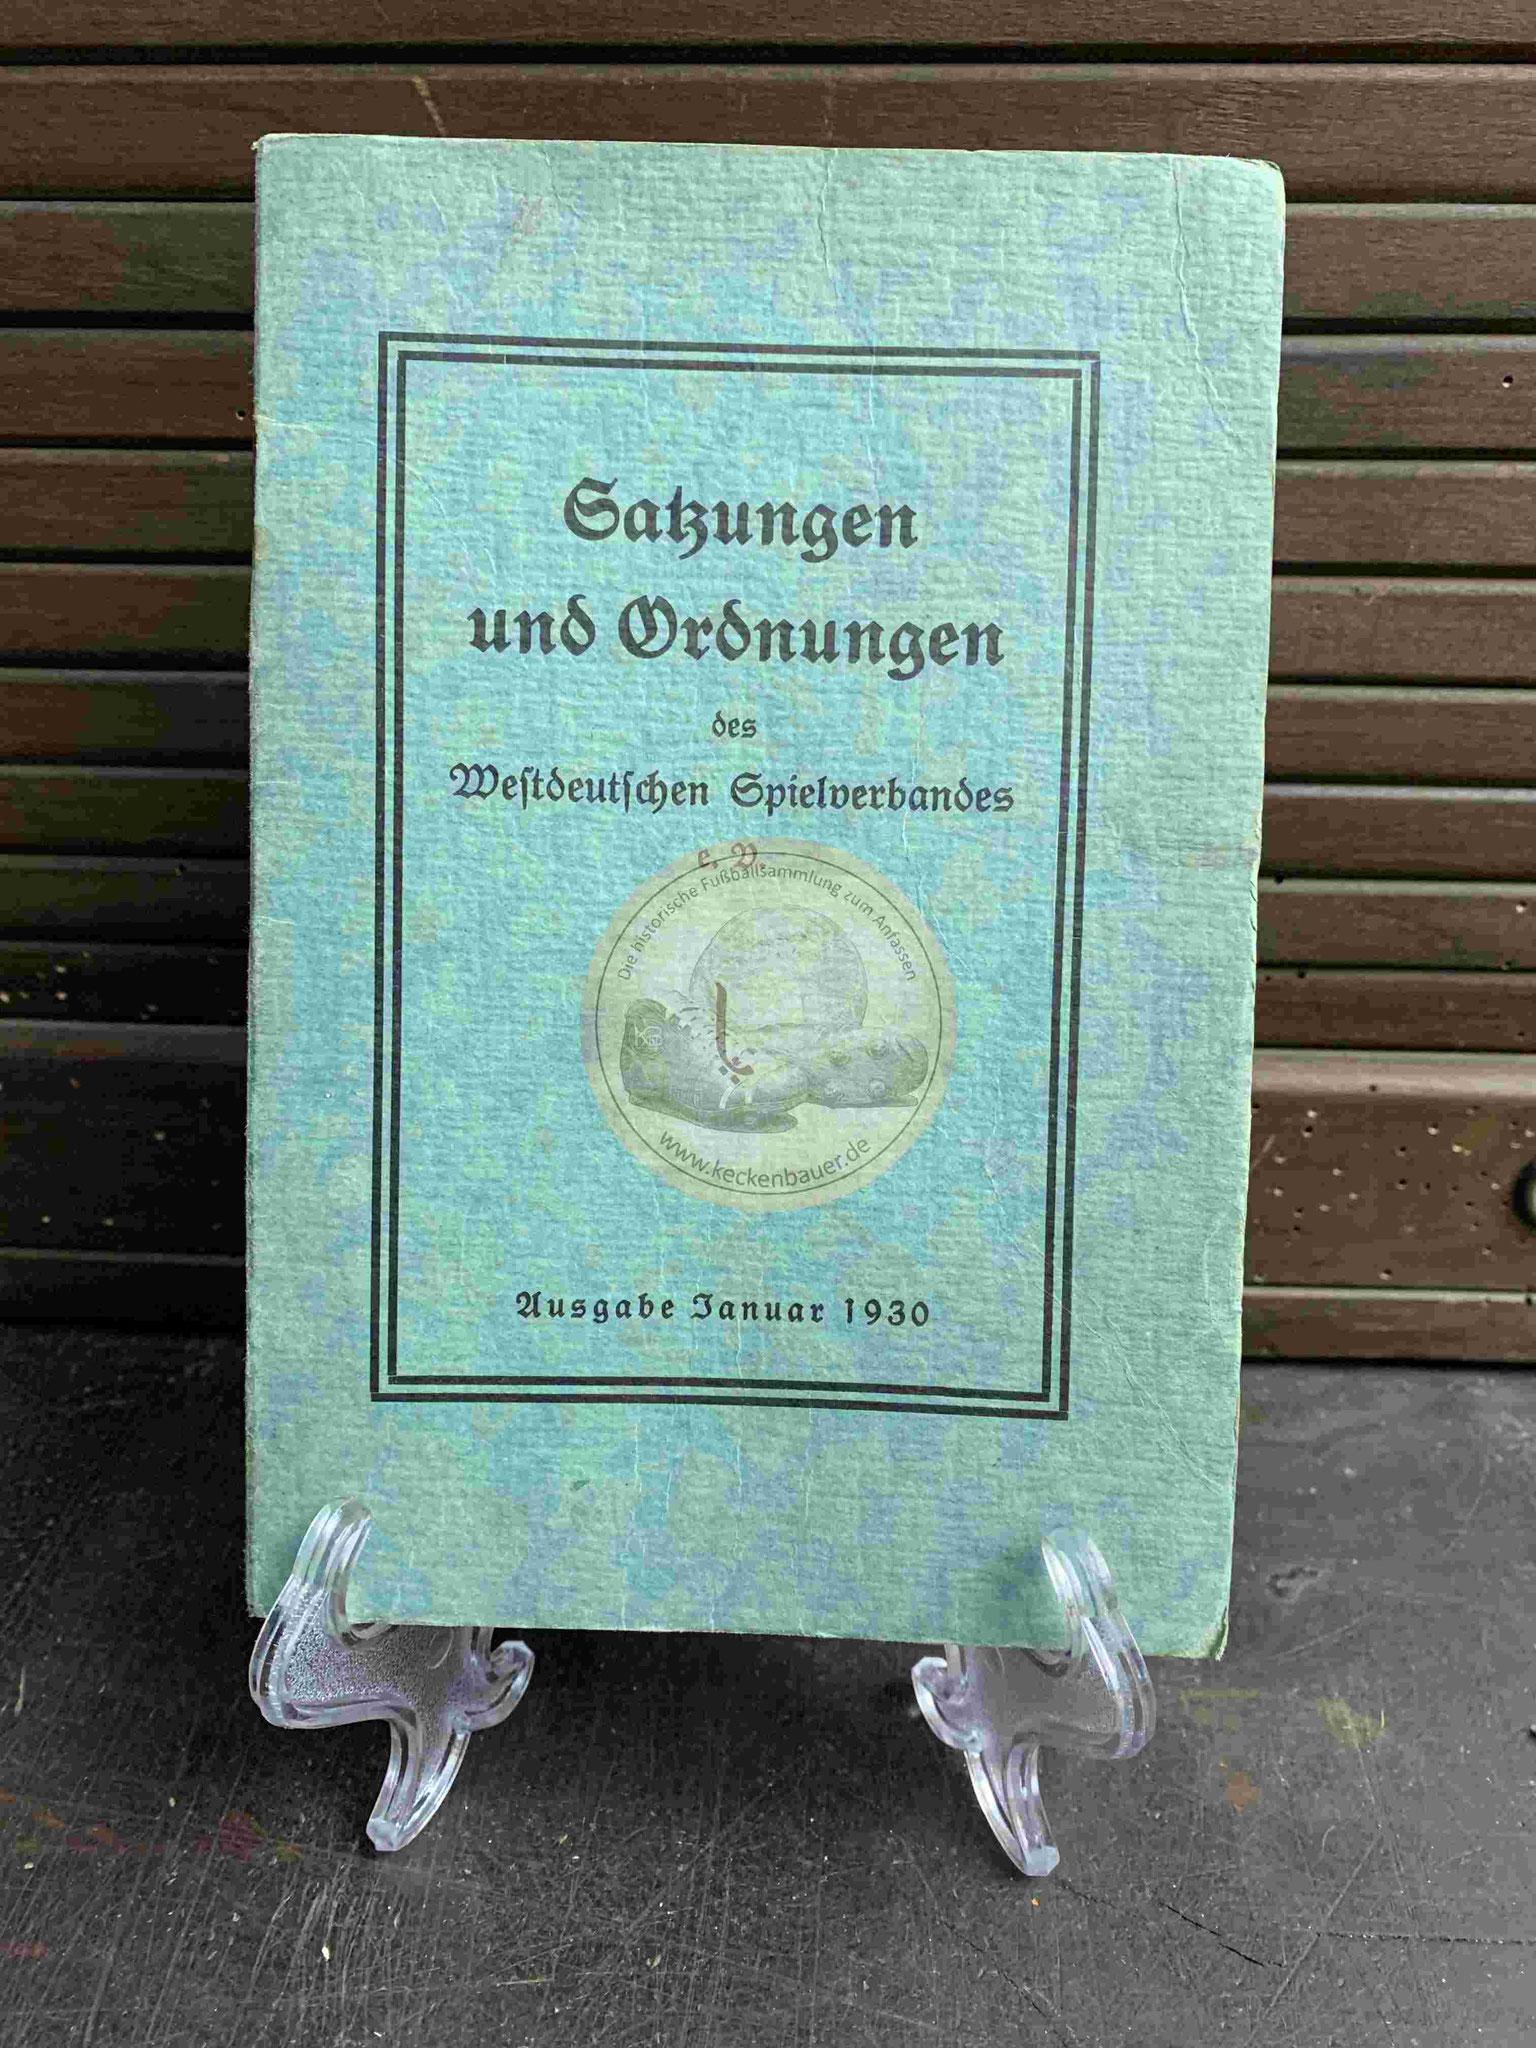 Satzungen und Ordnungen des Westdeutschen Spielverbandes e.V. aus dem Jahr 1930